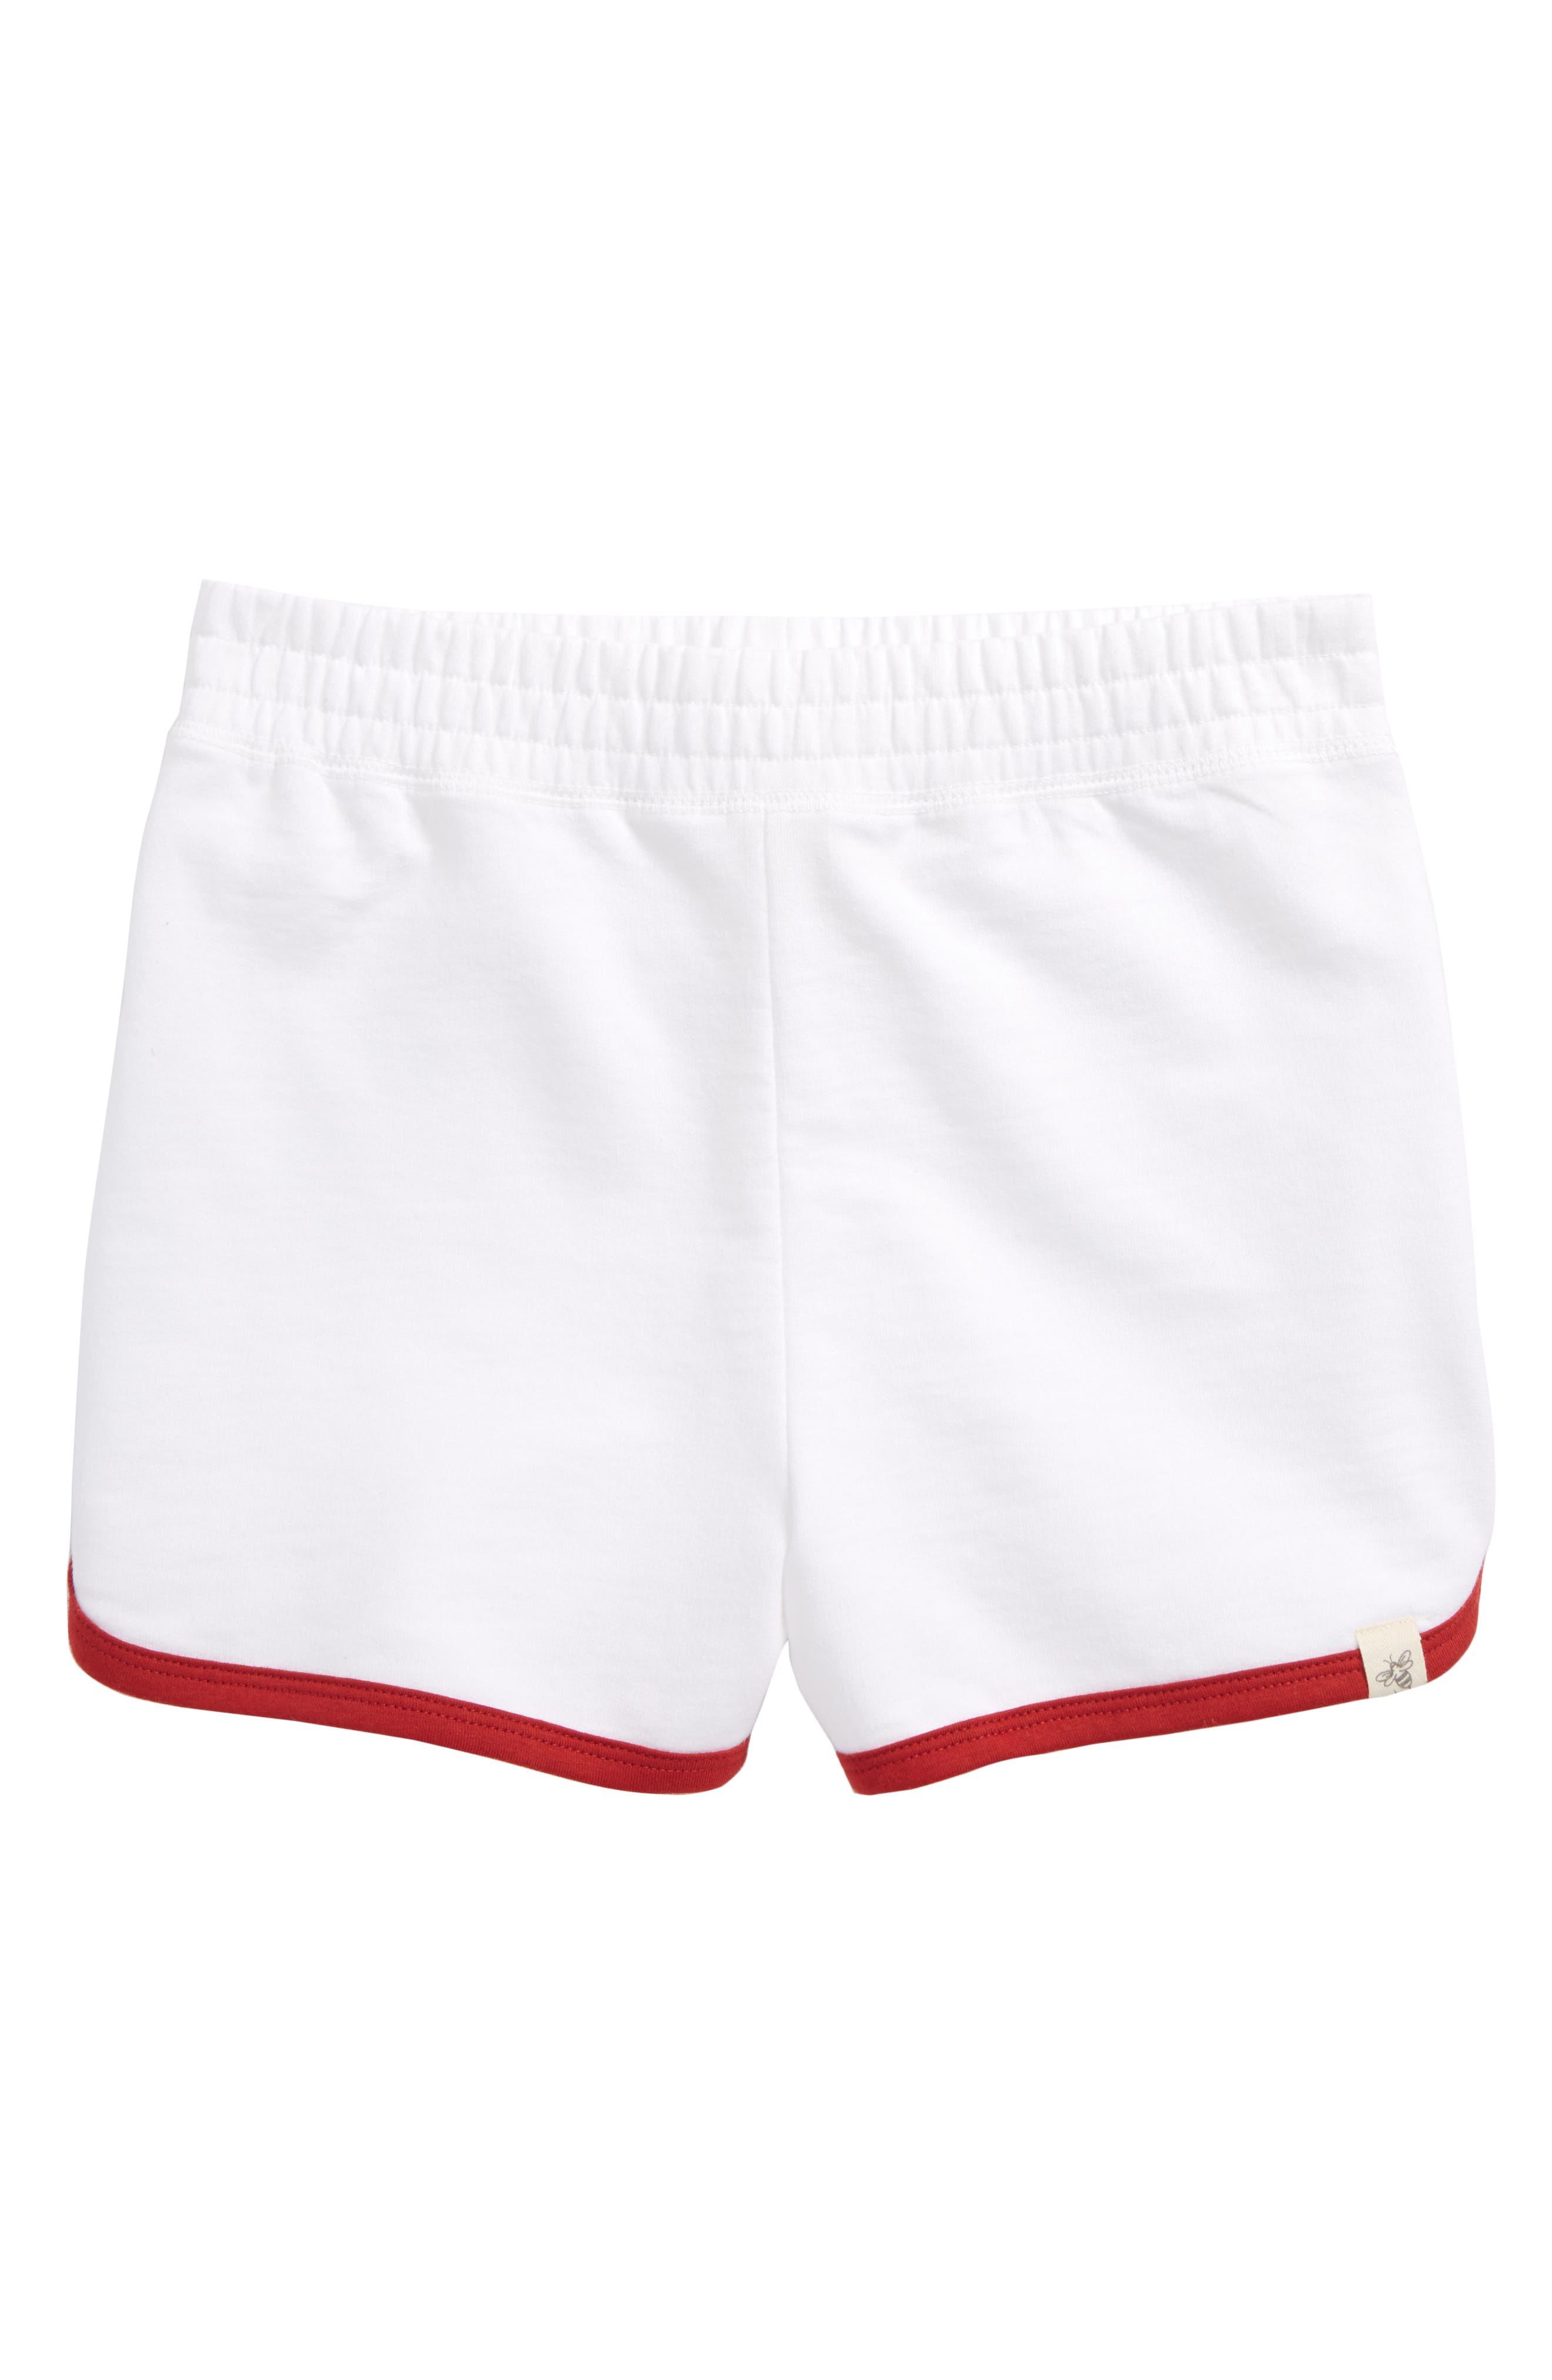 Organic Cotton Shorts,                         Main,                         color, Cloud